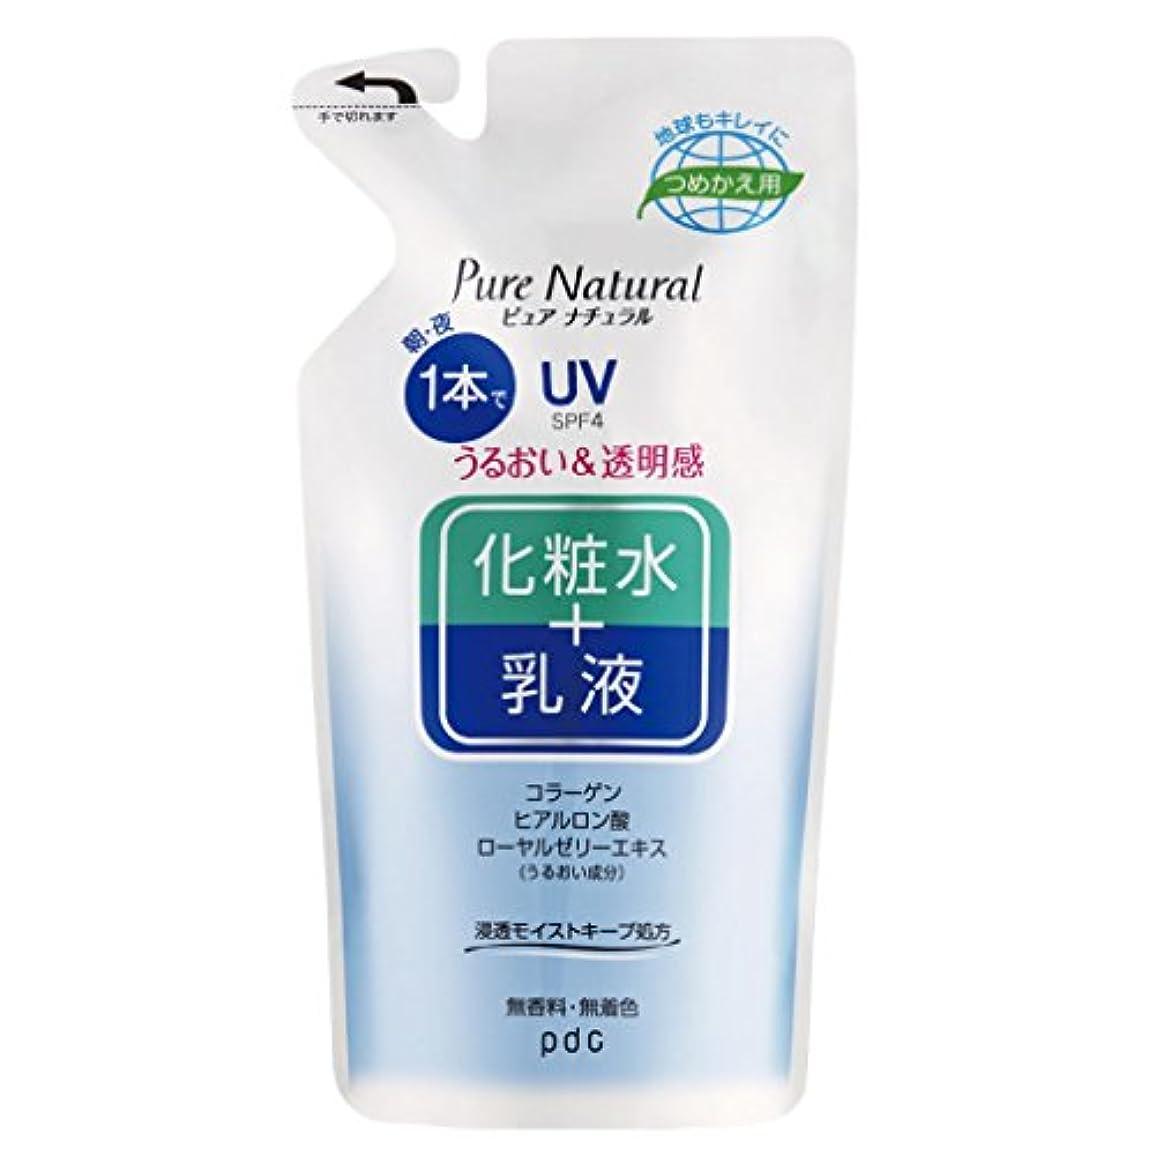 あいにく後世円周Pure NATURAL(ピュアナチュラル) エッセンスローション UV (つめかえ用) 200mL